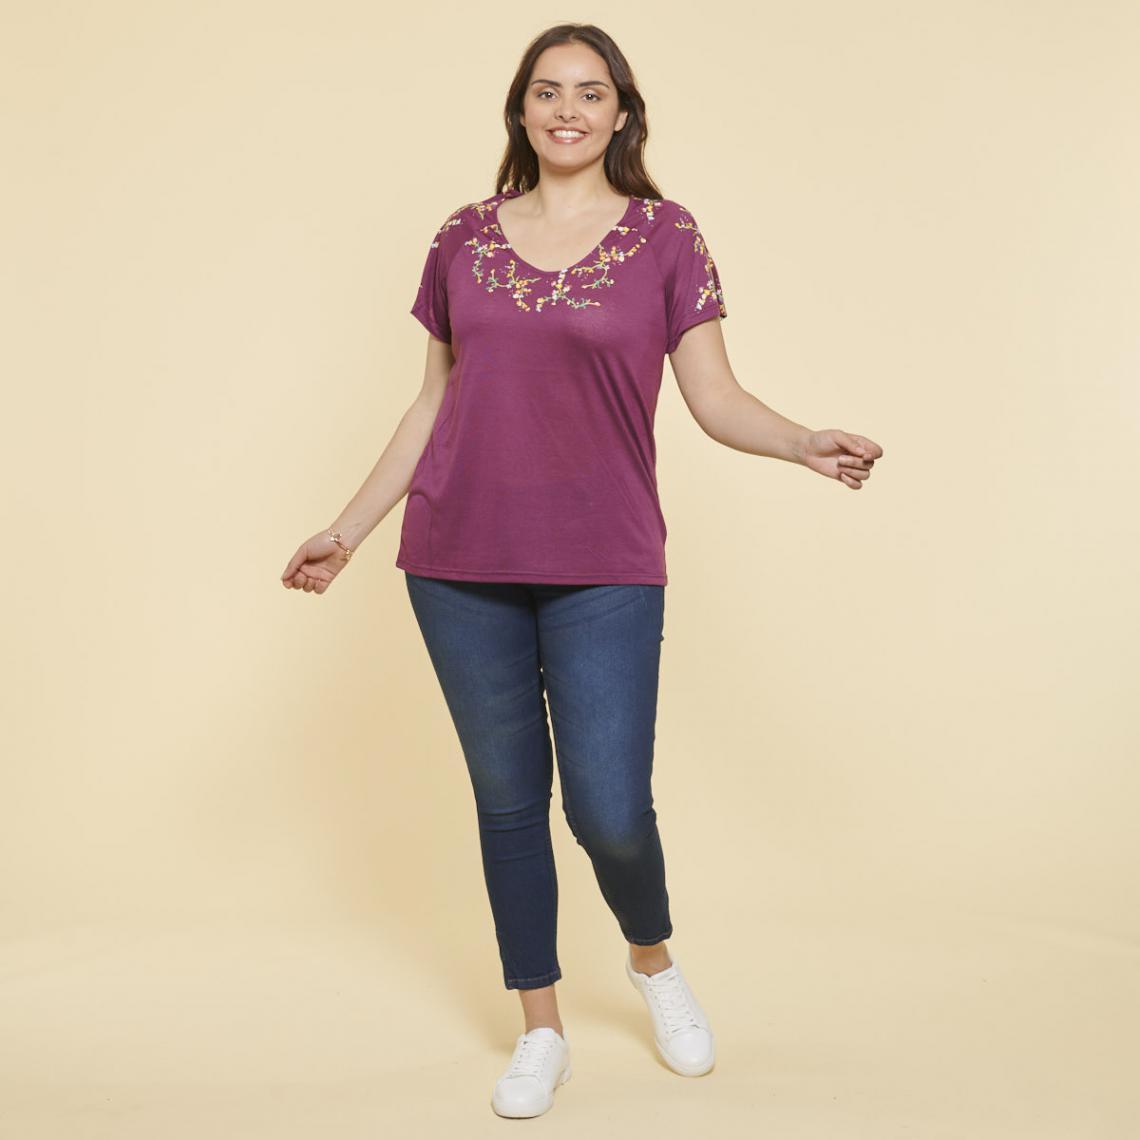 25352f7bcf1 Tee-shirt imprimé manches courtes fendues femme - Prune 3 SUISSES Femme